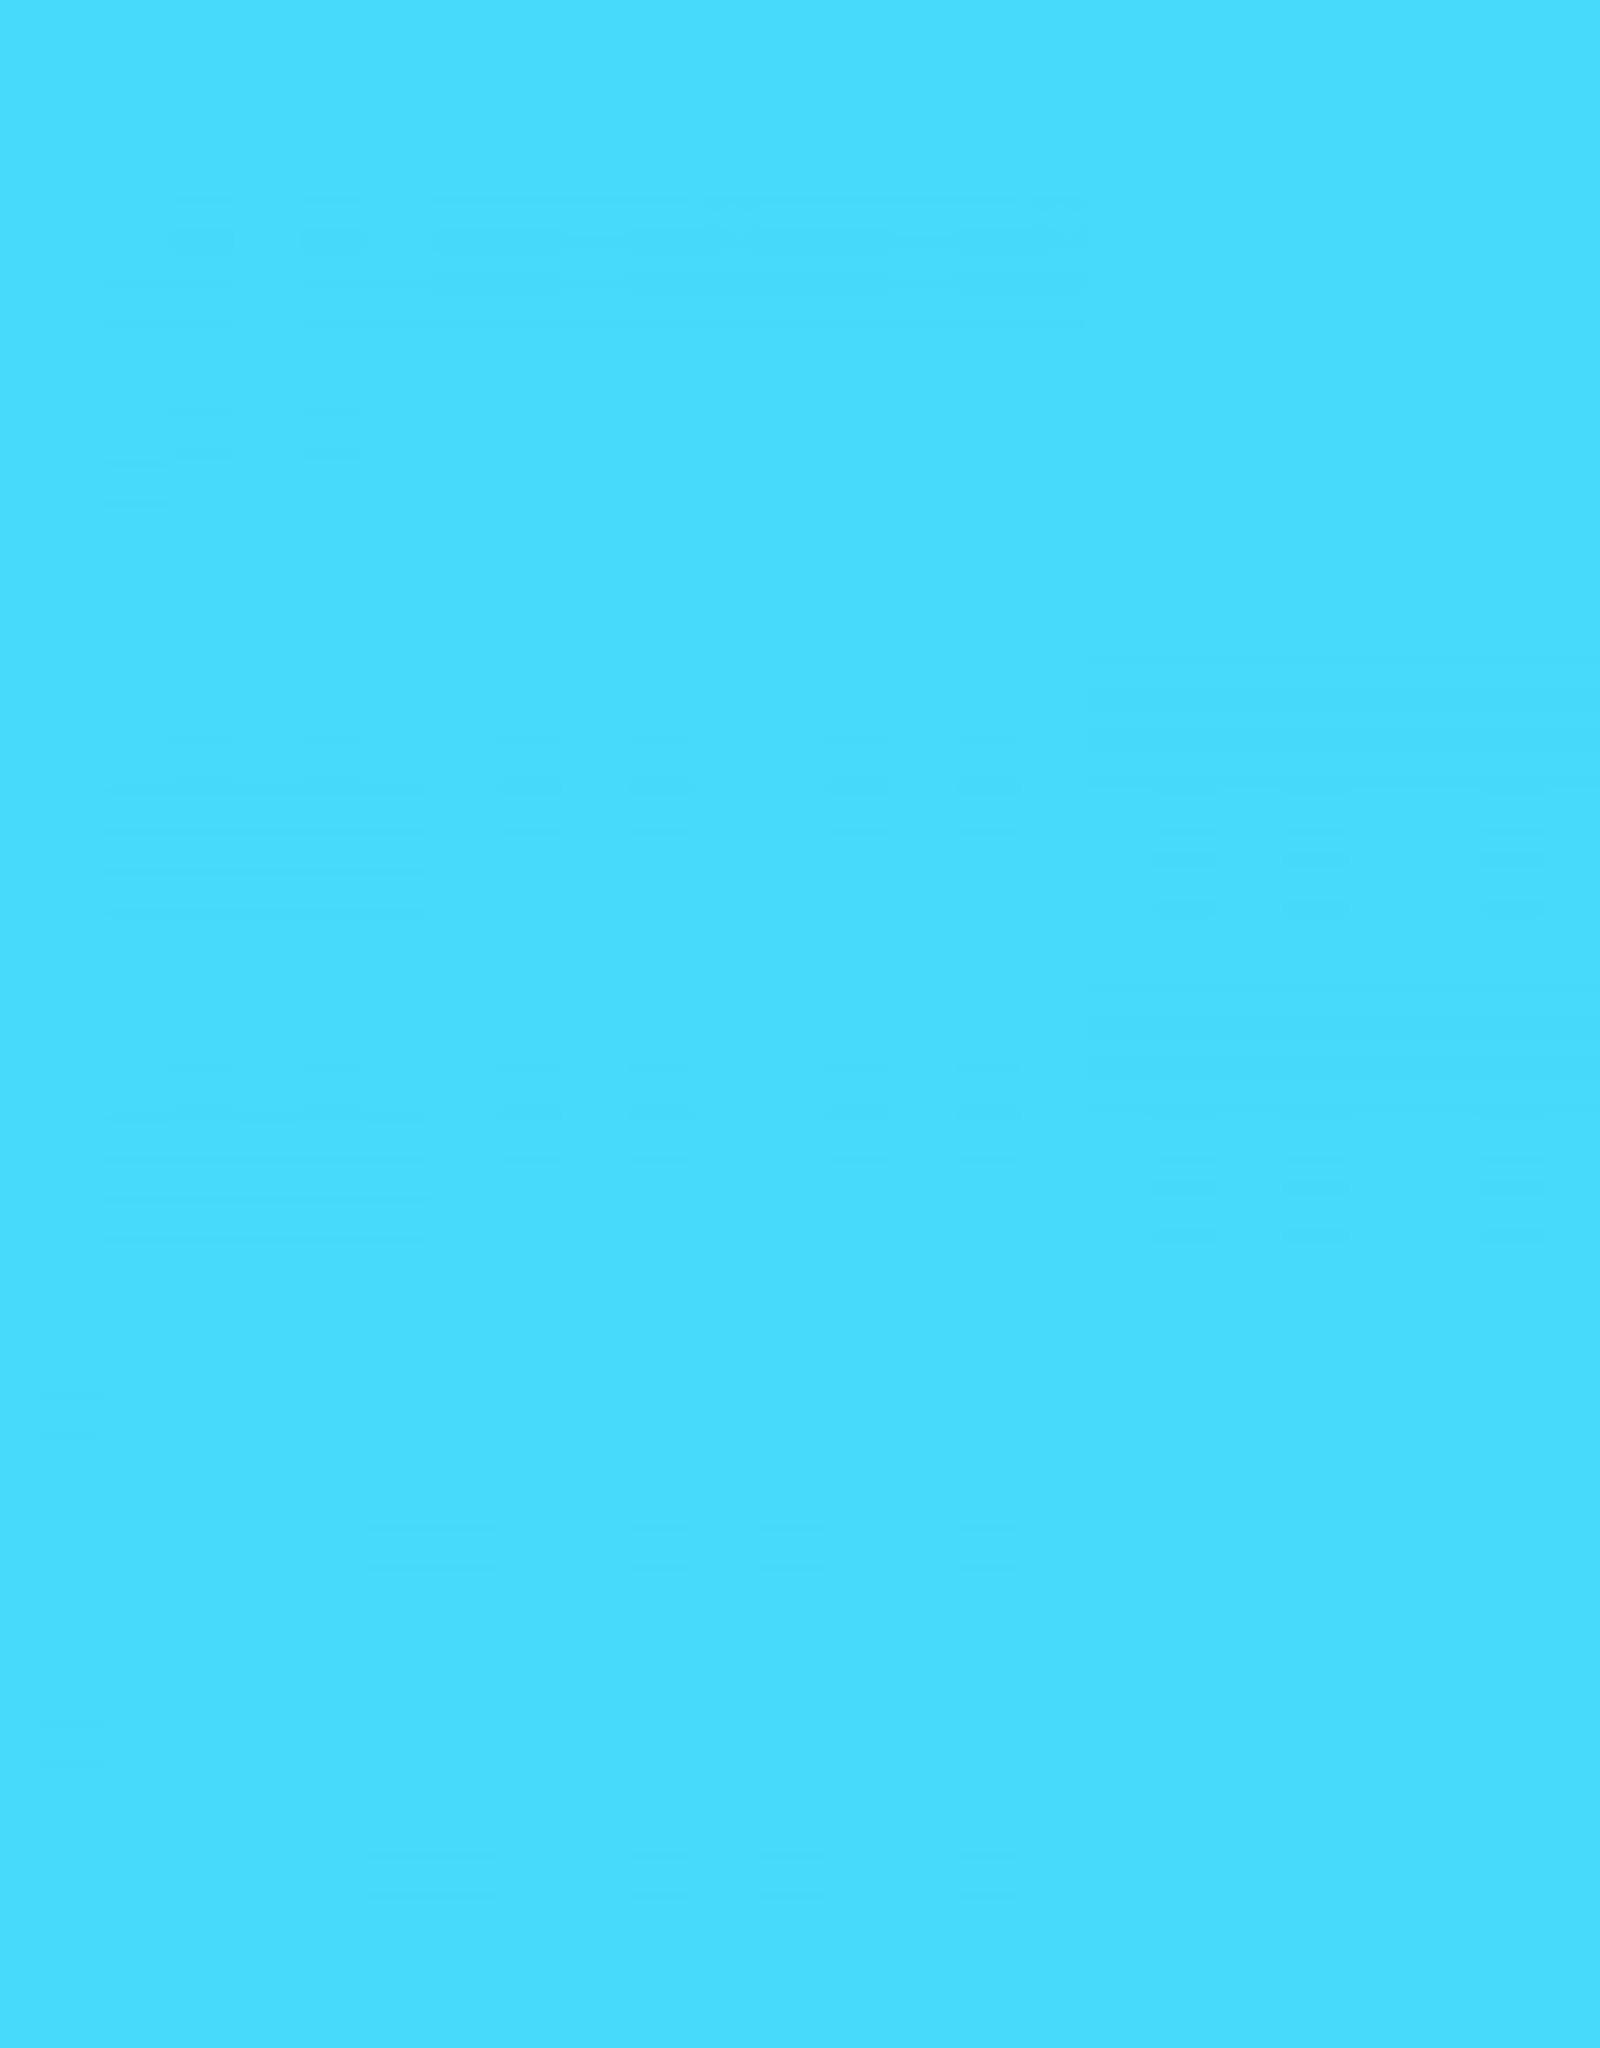 Jacquard iDye Poly Turquoise